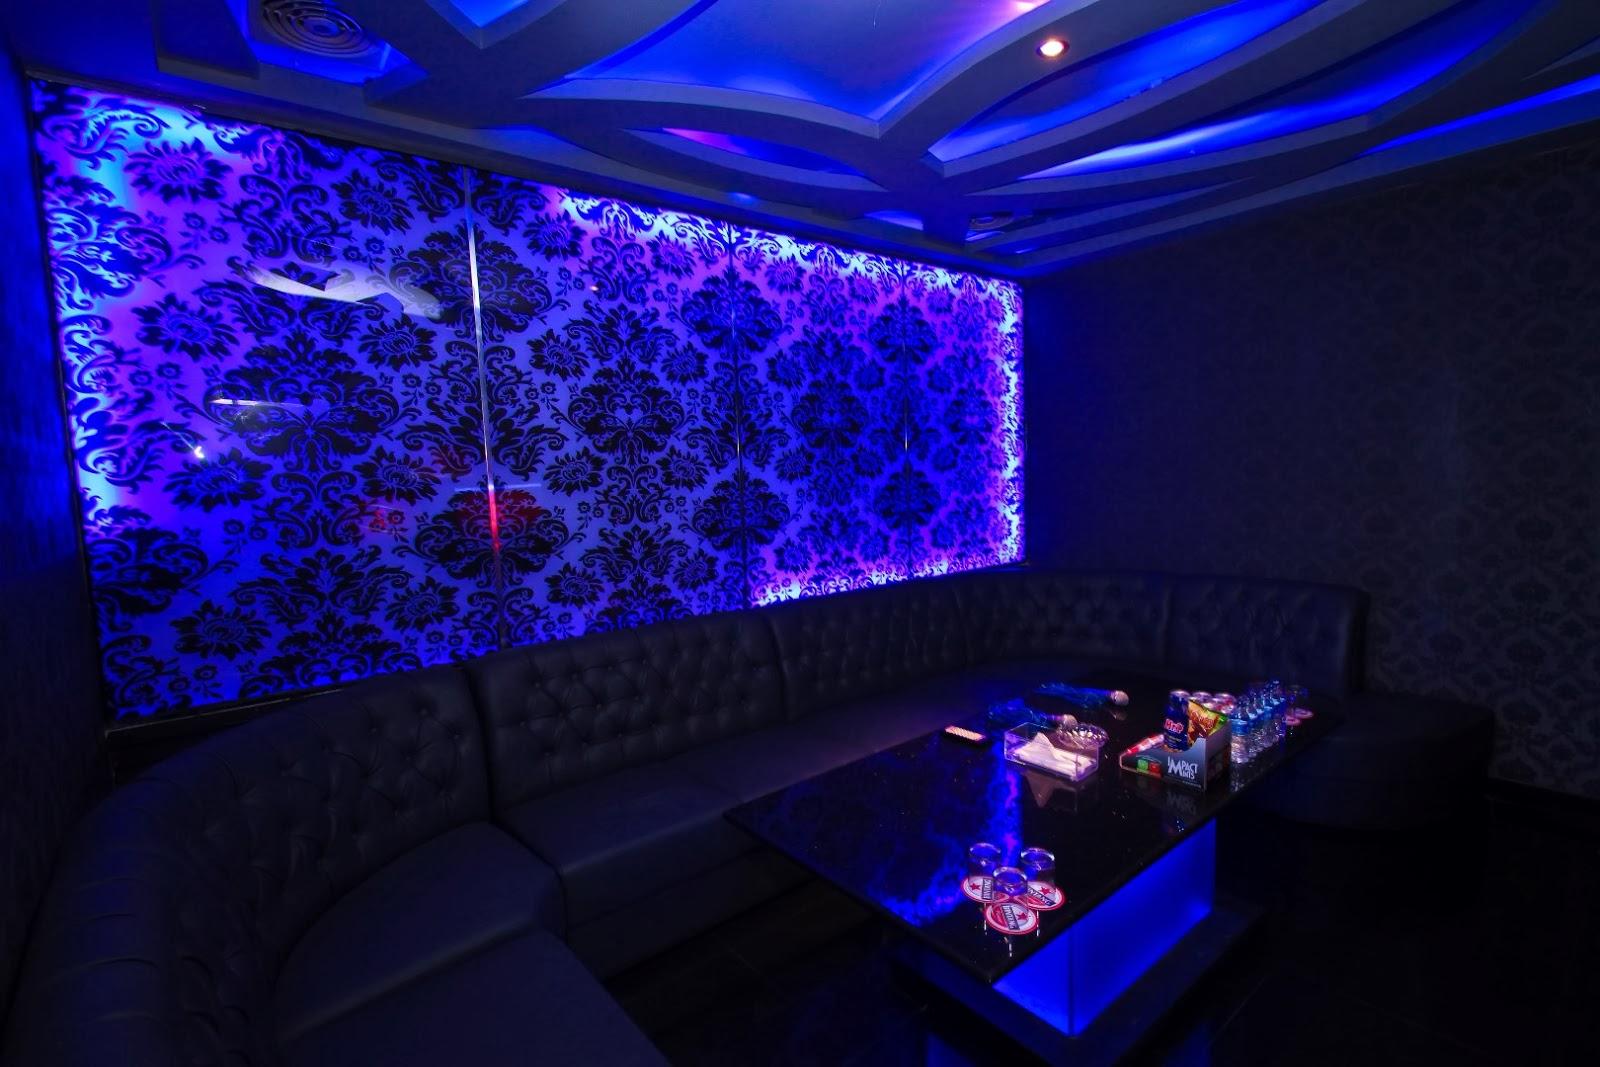 Thiết kế phòng hát karaoke đẹp và chuyên nghiệp